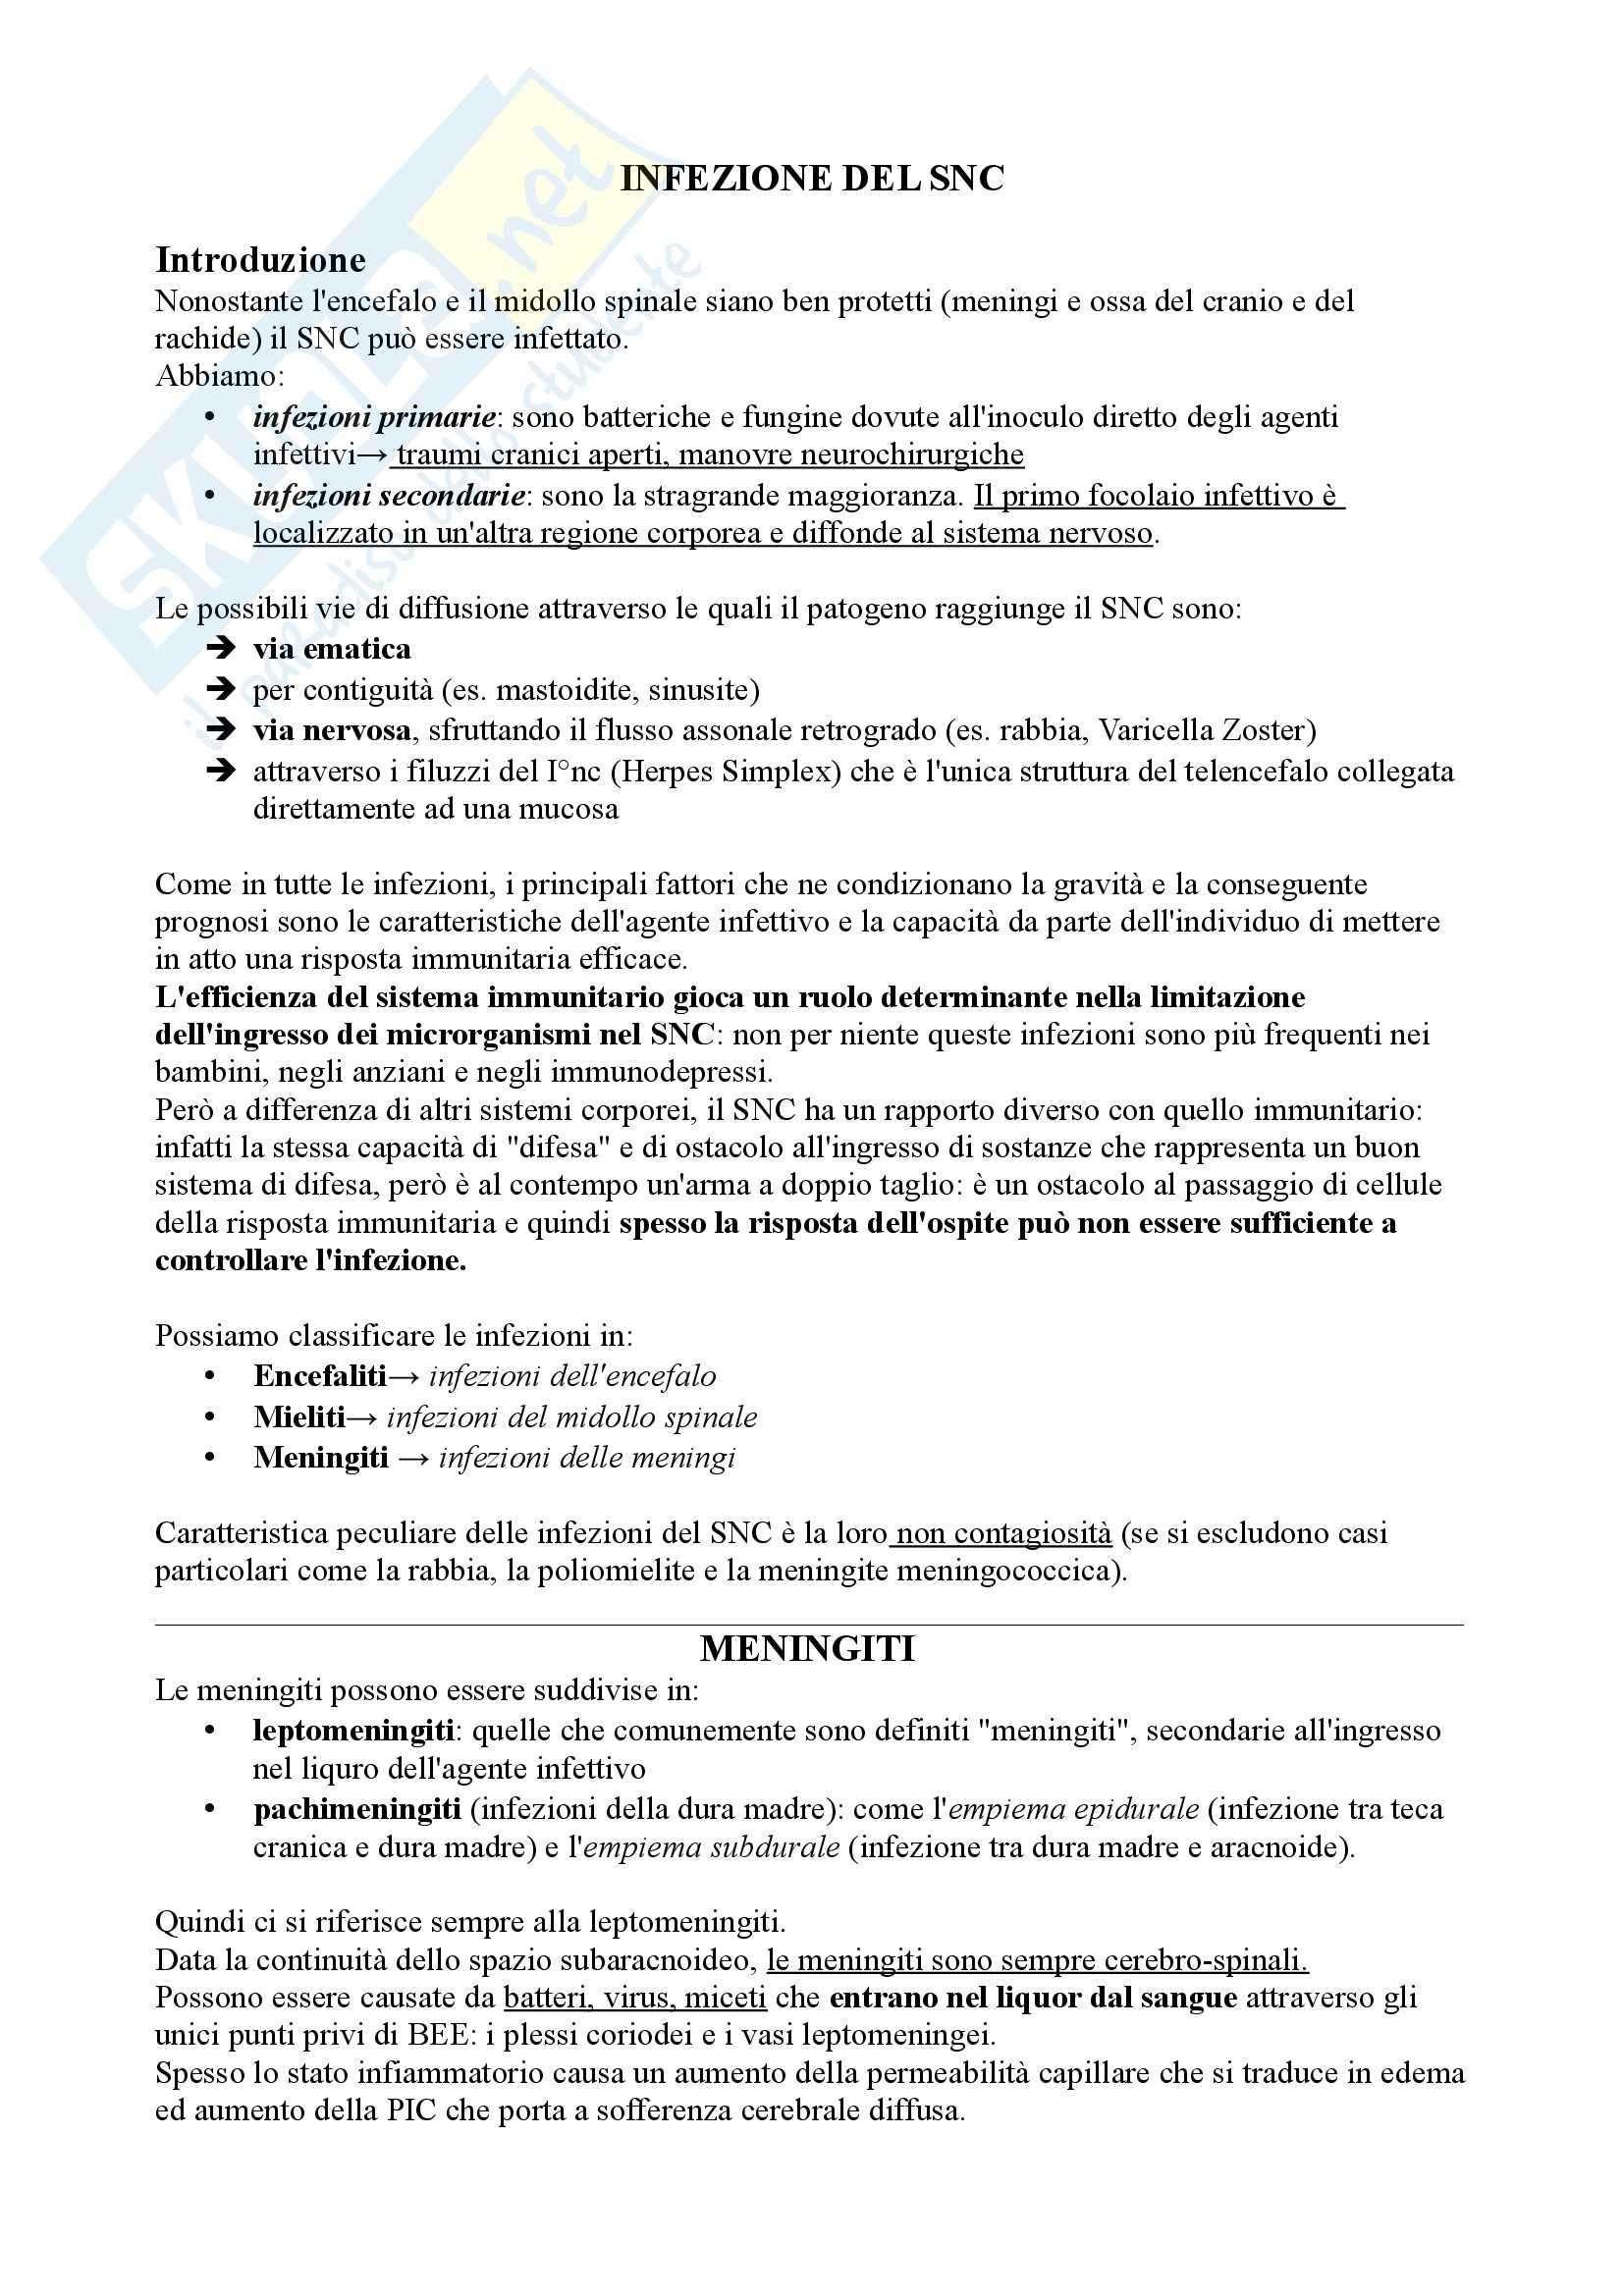 Riassunto esame Neurologia, prof Pinessi, libro consigliato Il Bergamini di Neurologia, Bergamini: infezioni del SNC